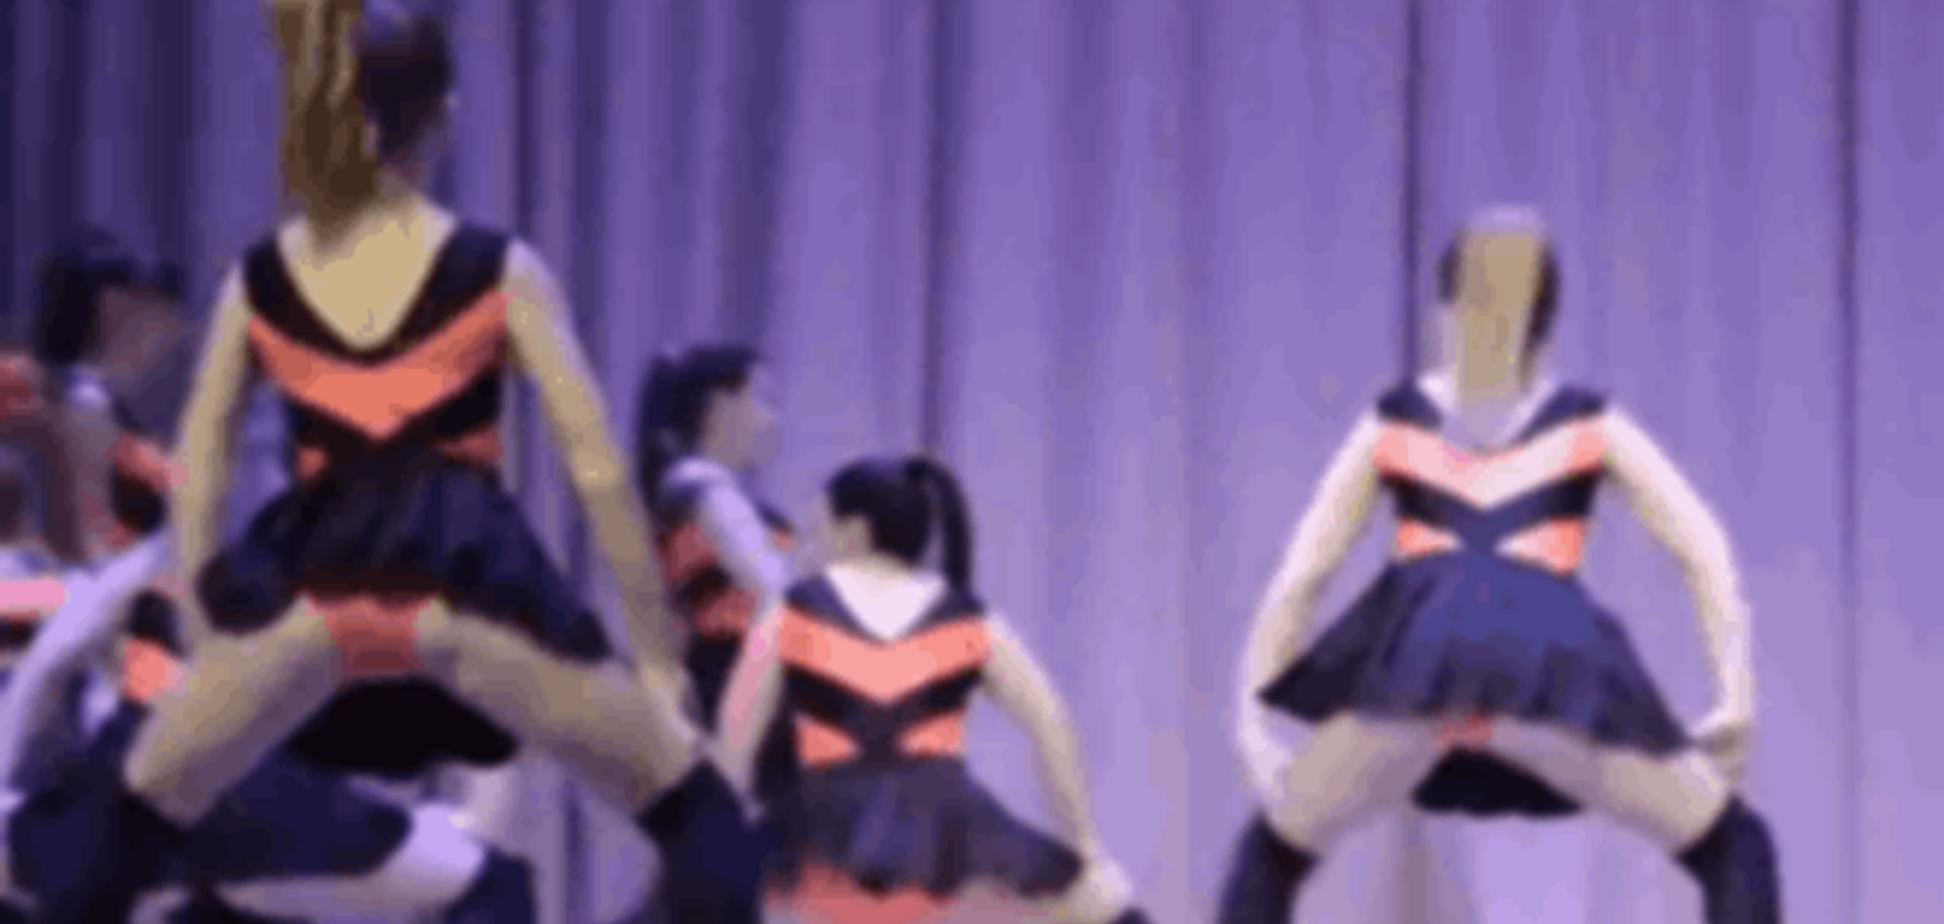 'Эротические пчелки' из Оренбурга взбунтовались в соцсетях: 'танцы им подавай'!